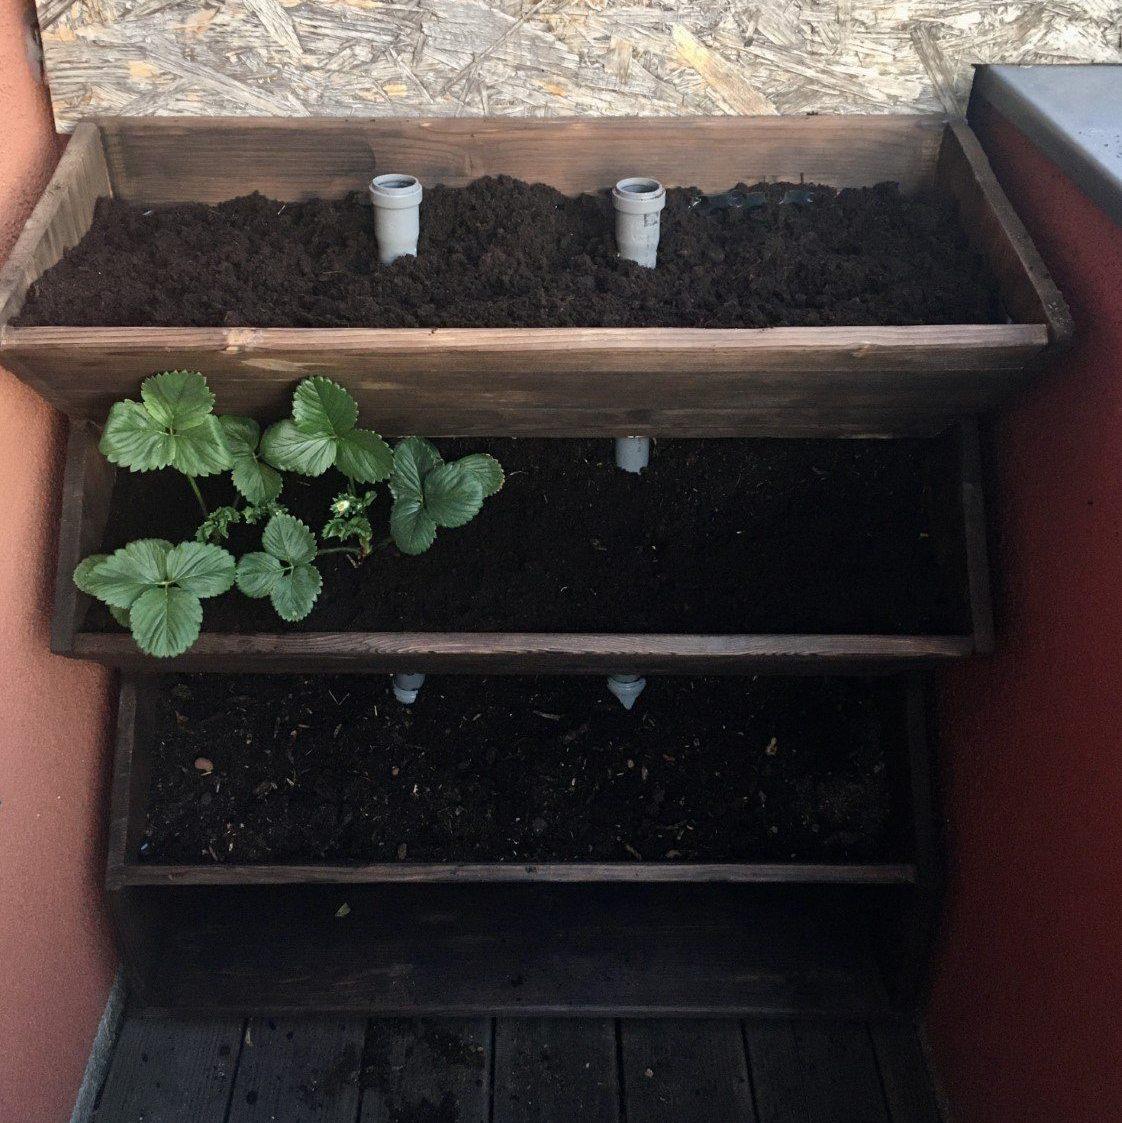 Nun wird das Vertikalbeet zum vertikal Gärtnern nach dem Selbstbau mit guter torffreier Bio-Gemüseerde befüllt und bepflanzt.